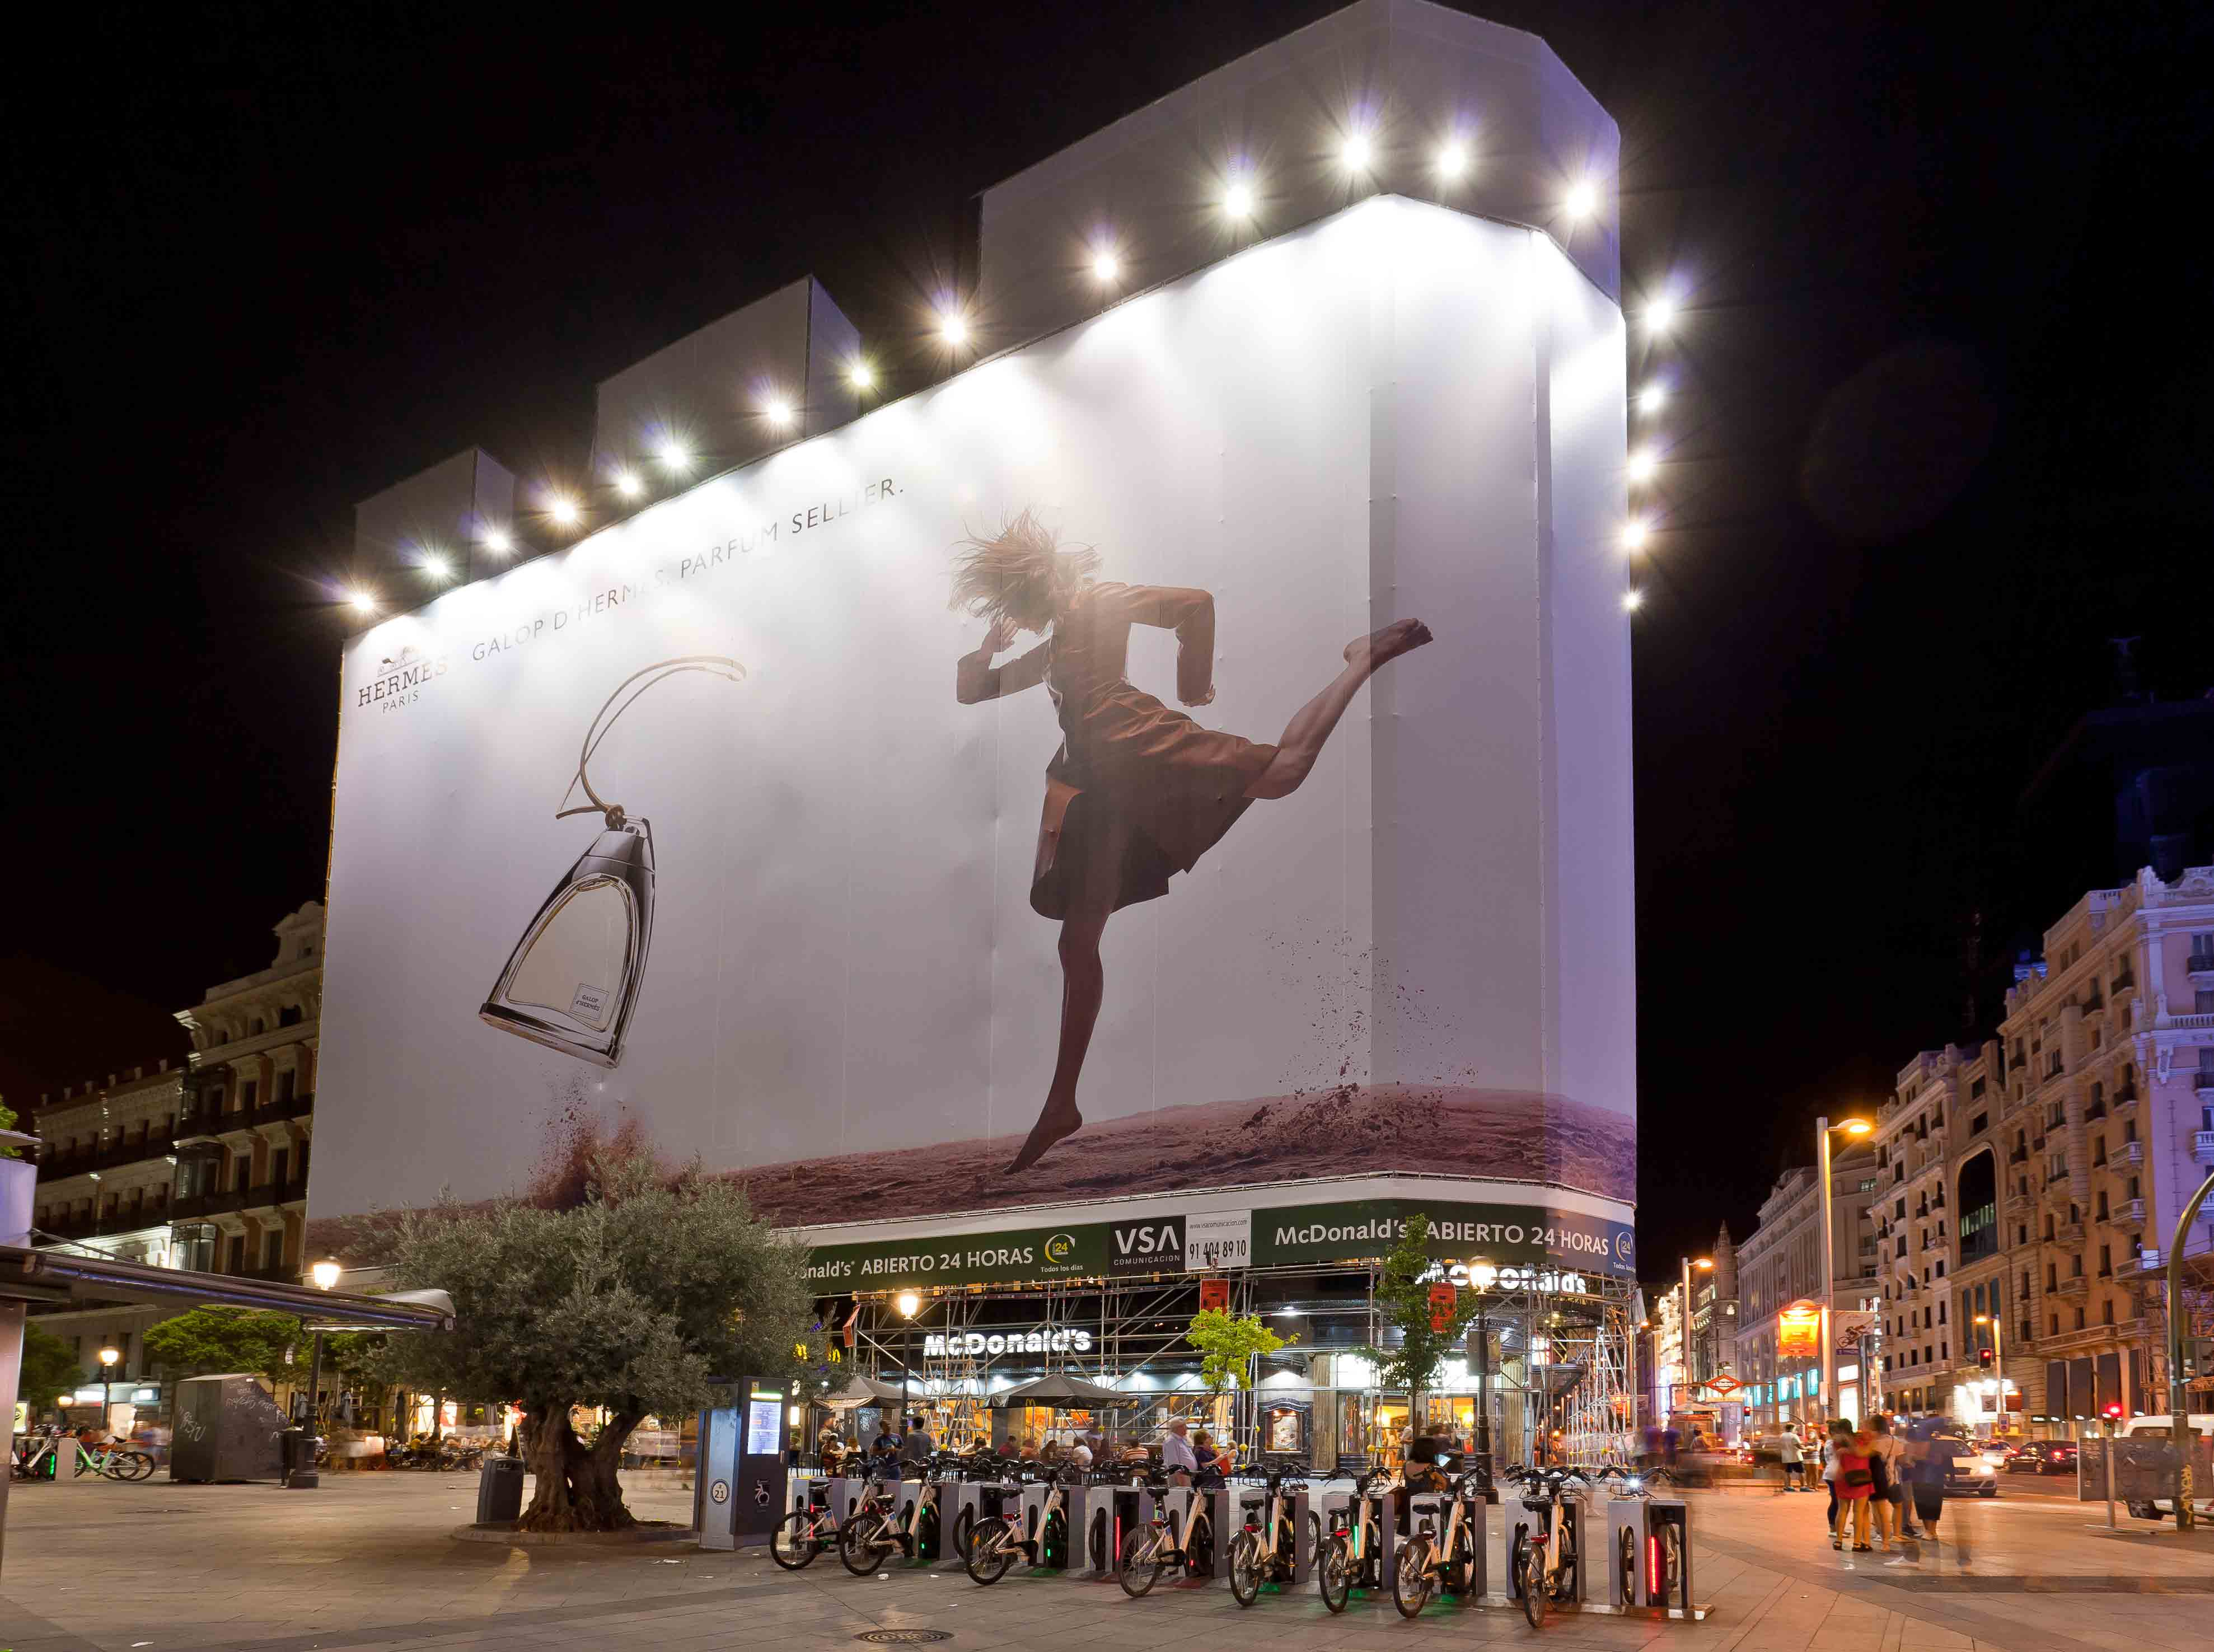 lona-publicitaria-madrid-montera-47-hermes-noche-vsa-comunicacion